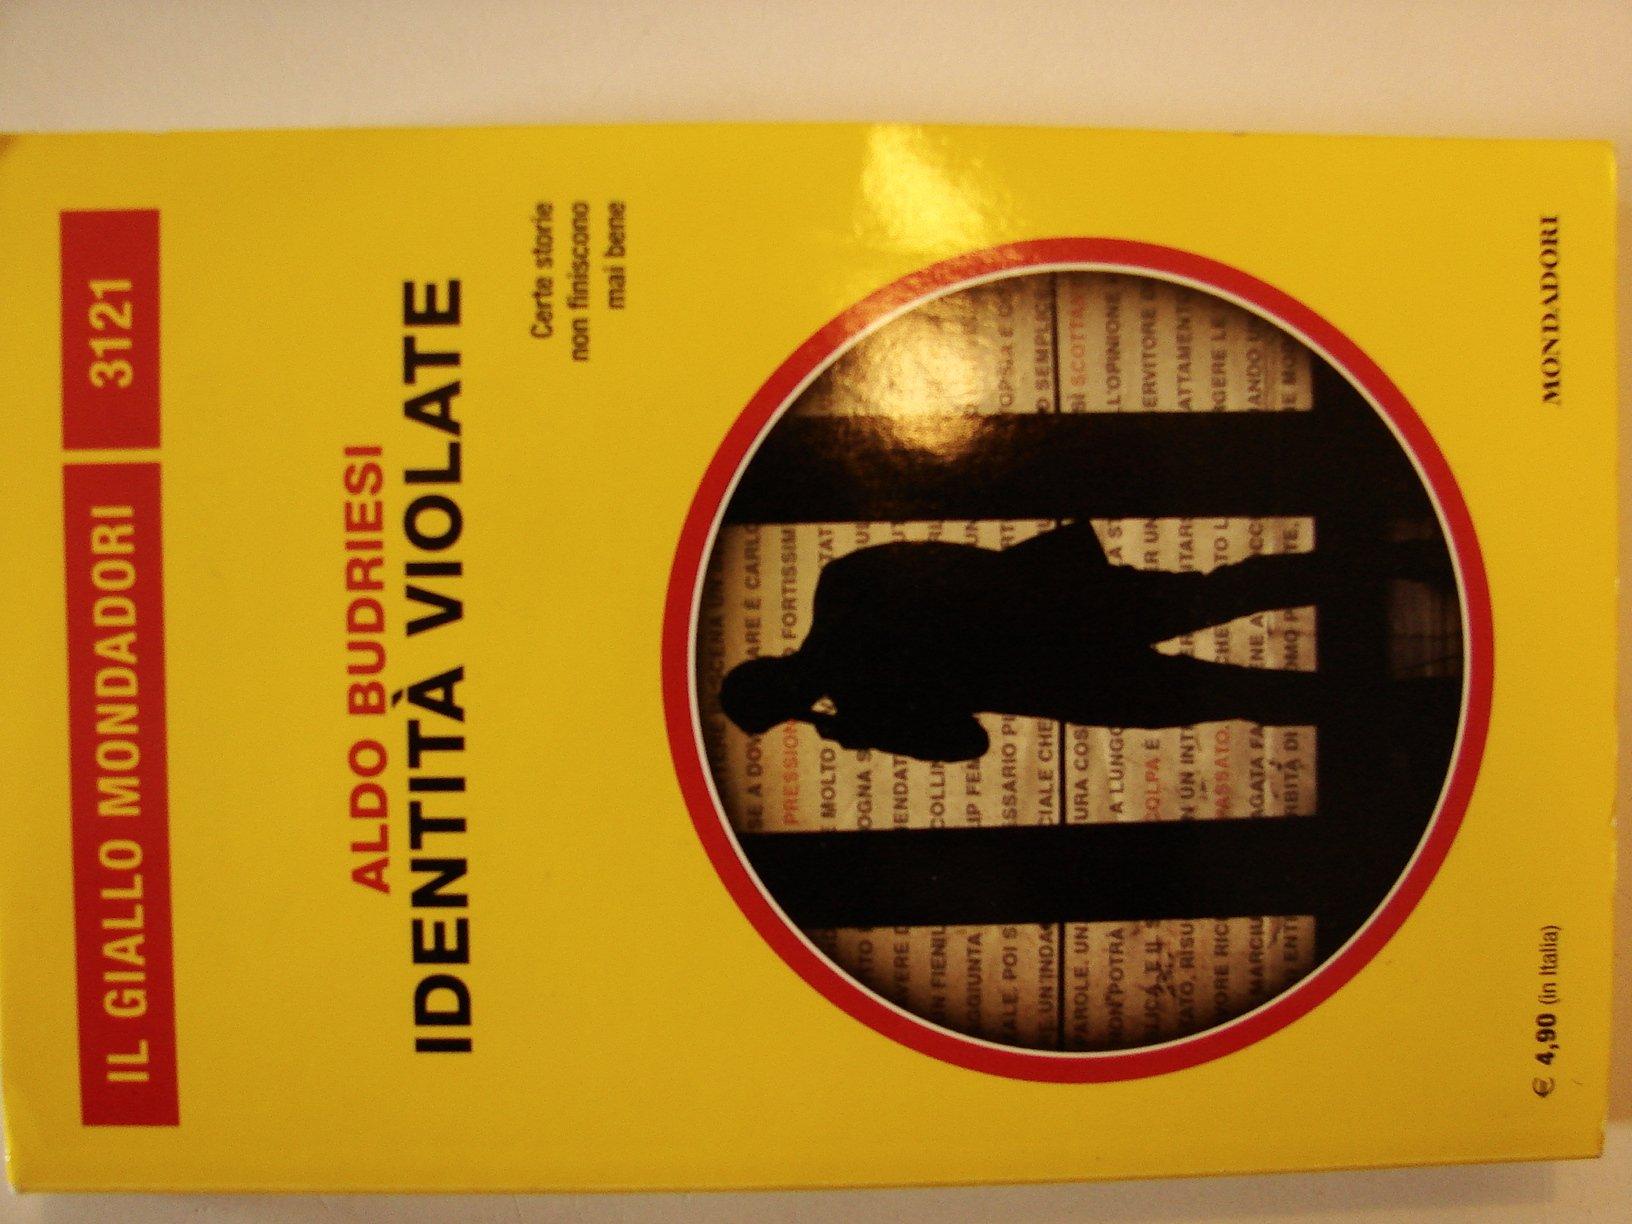 Amazon.it: Identità violate - Aldo Budriesi - Libri